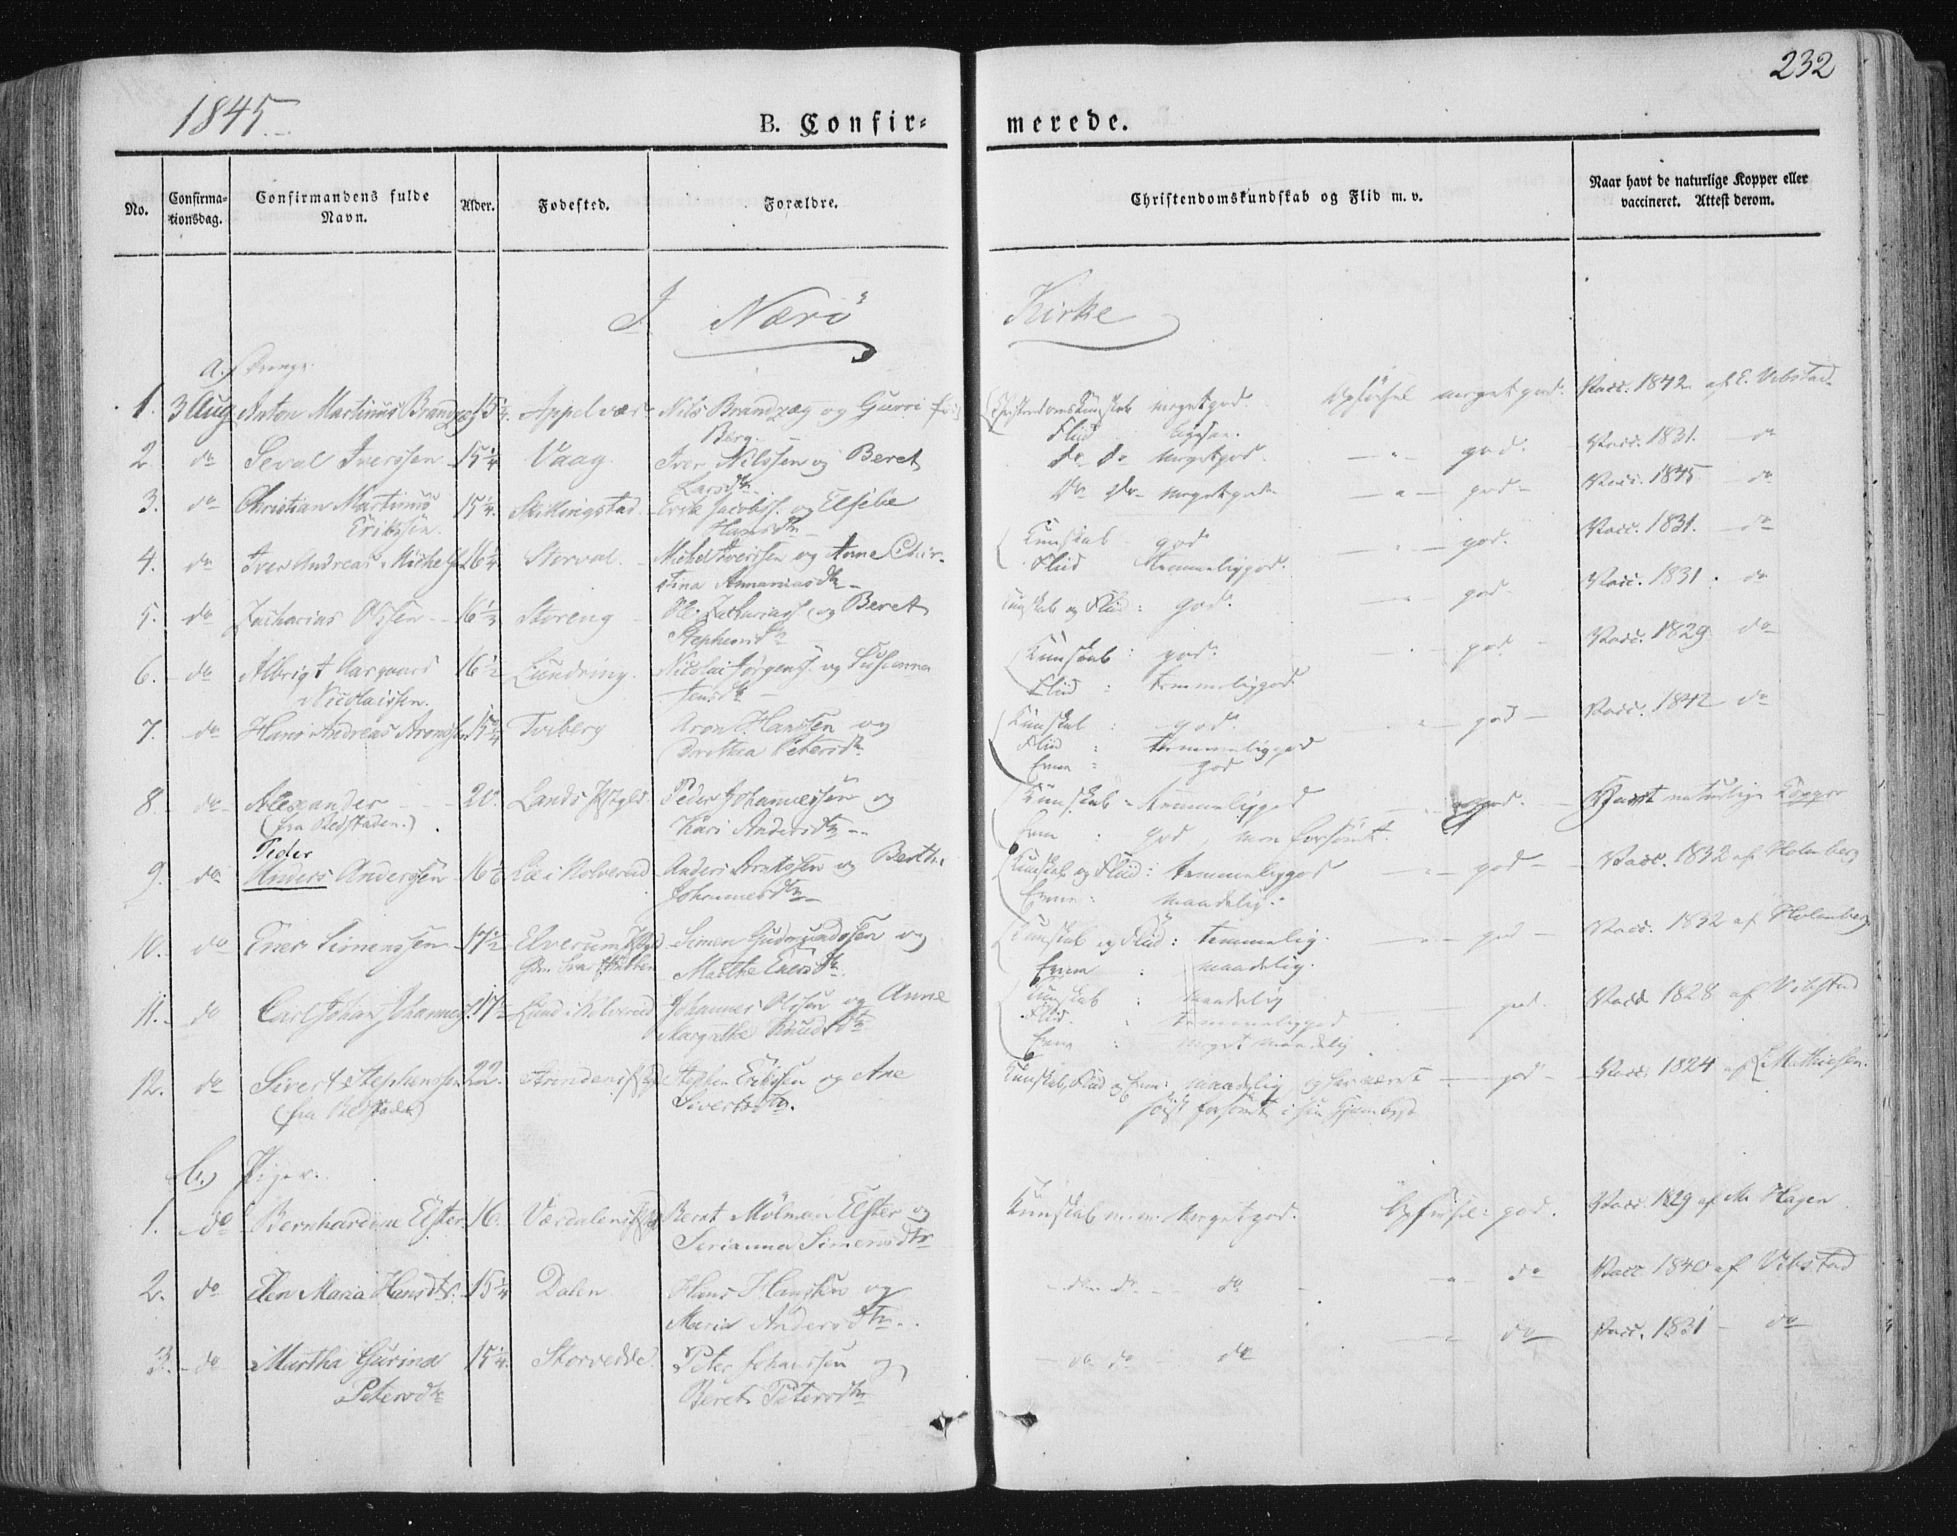 SAT, Ministerialprotokoller, klokkerbøker og fødselsregistre - Nord-Trøndelag, 784/L0669: Ministerialbok nr. 784A04, 1829-1859, s. 232